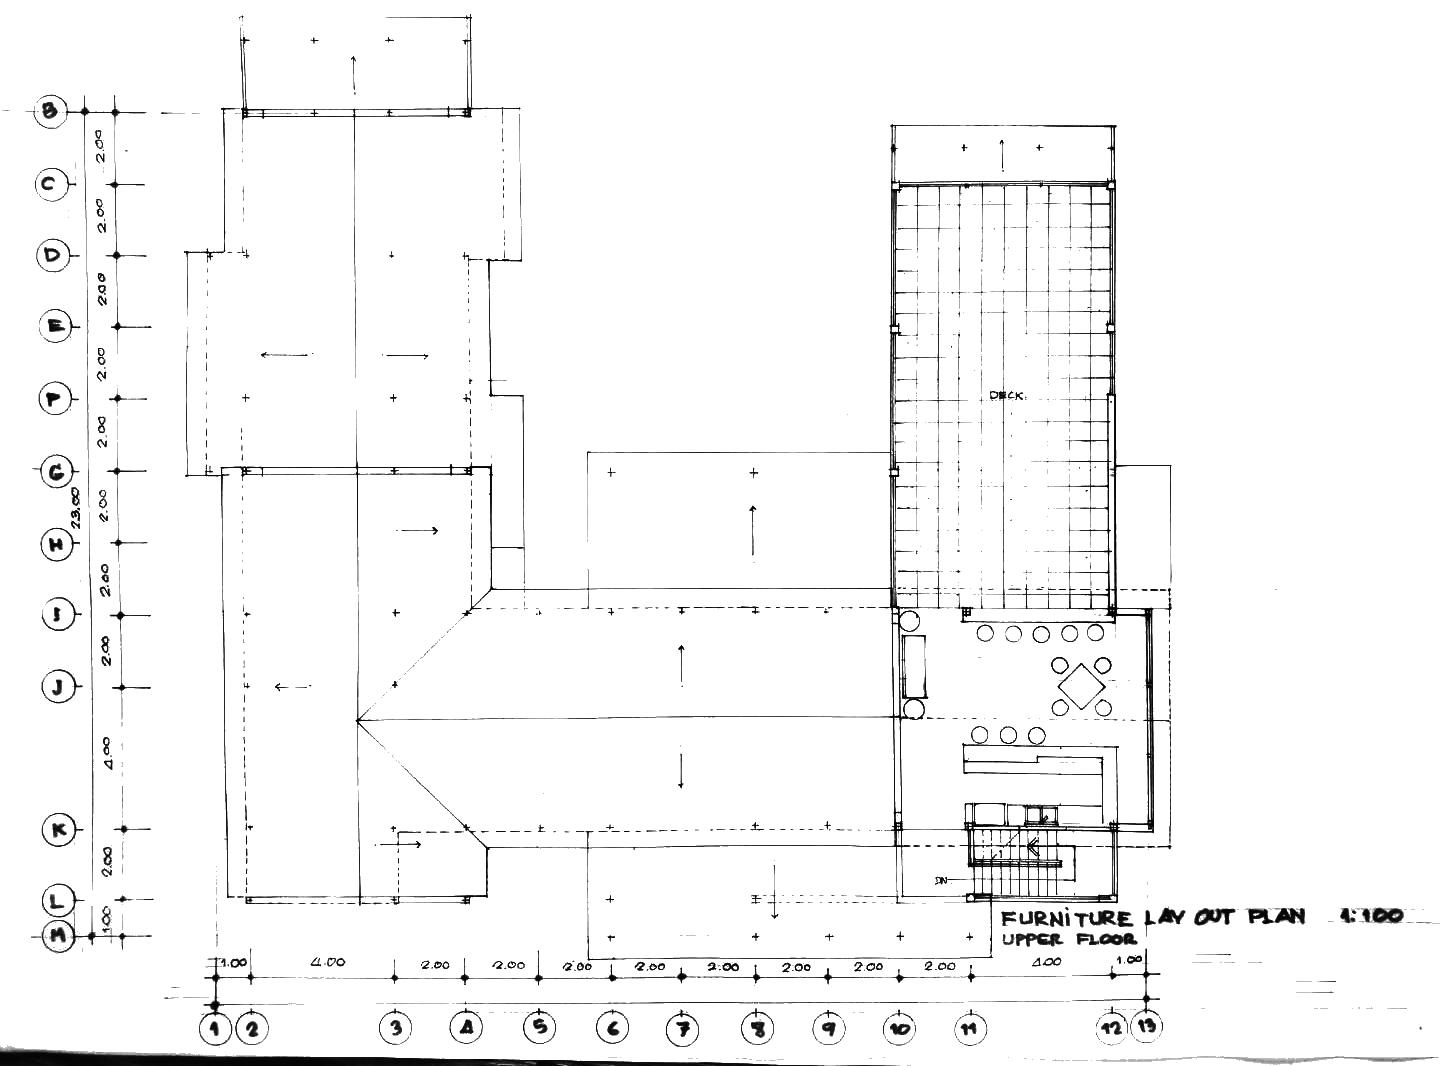 Bonanzabuilt-Portfolio-design20-2